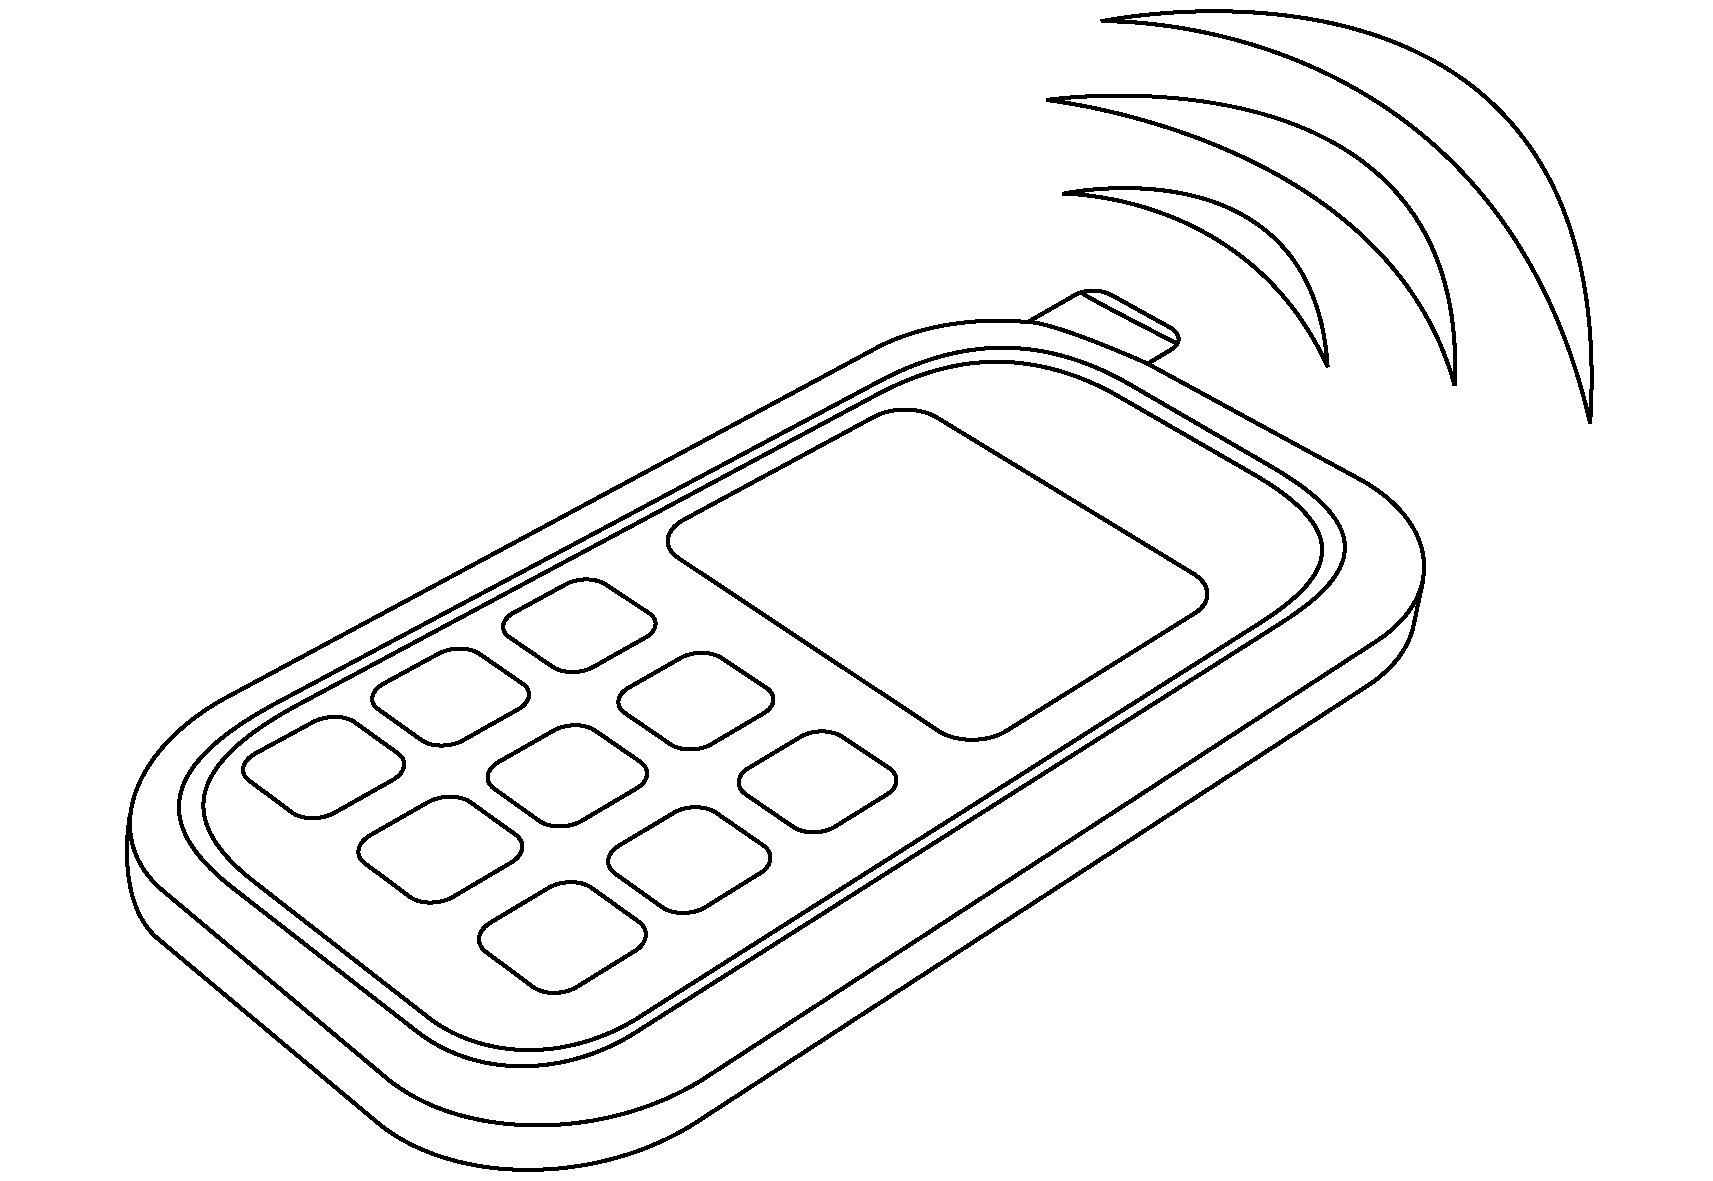 Handy Ausmalbilder  Ausmalbilder Malvorlagen – Handy kostenlos zum Ausdrucken